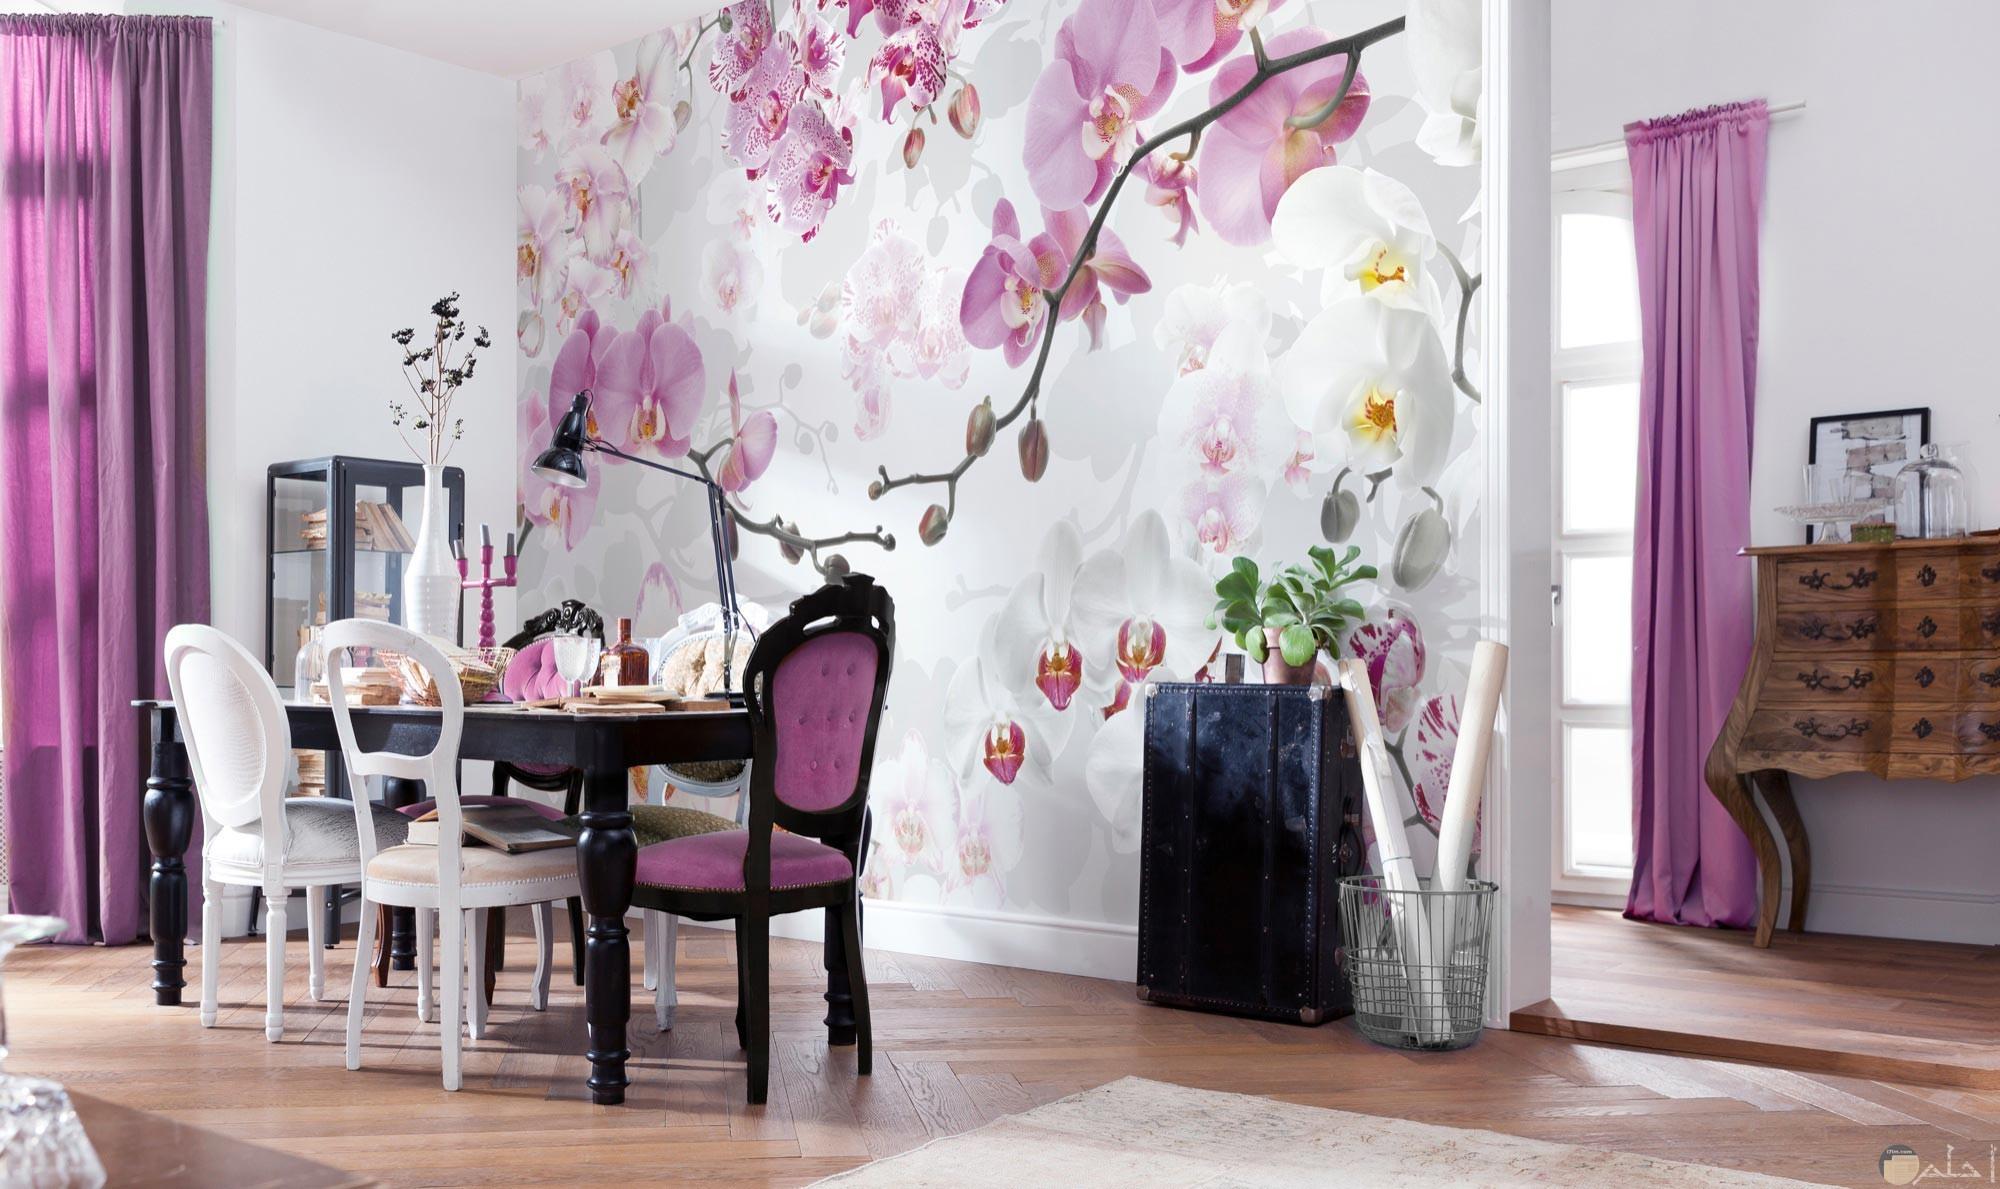 زهور وردية على حائط منزل جميلة جدا